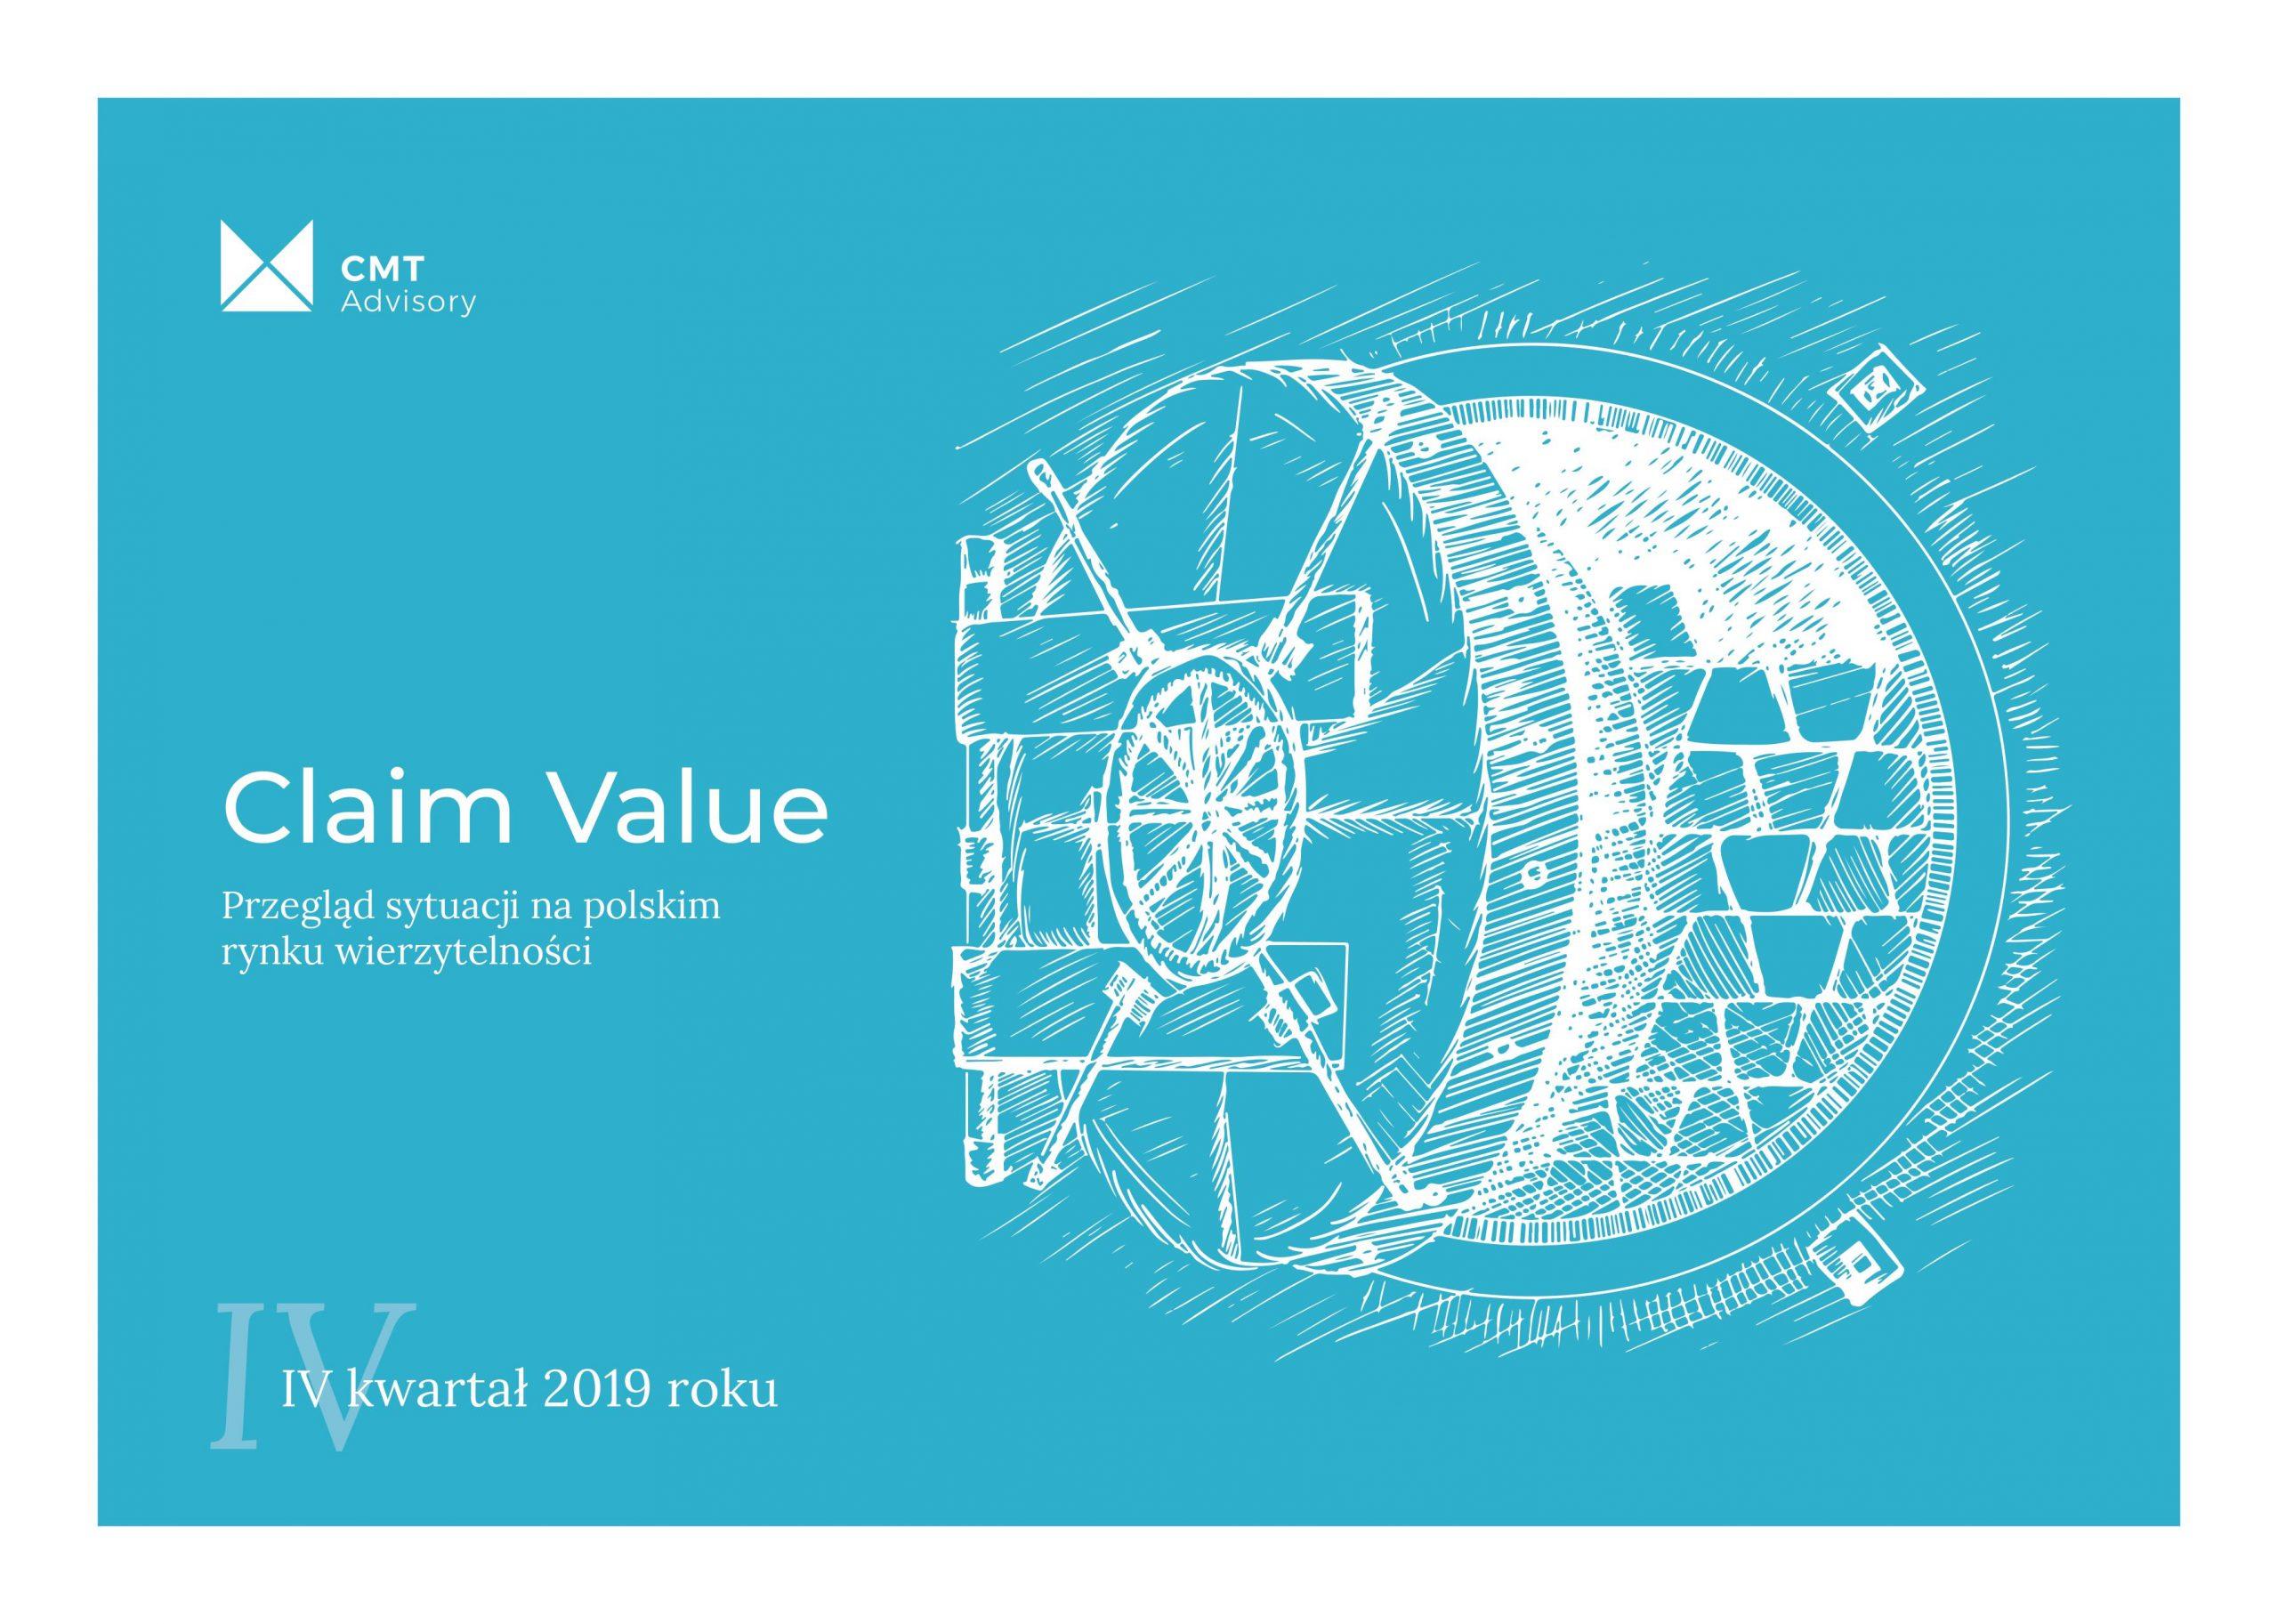 Claim Value | Sytuacja na polskim rynku wierzytelności - raport za IV kwartał 2019 roku